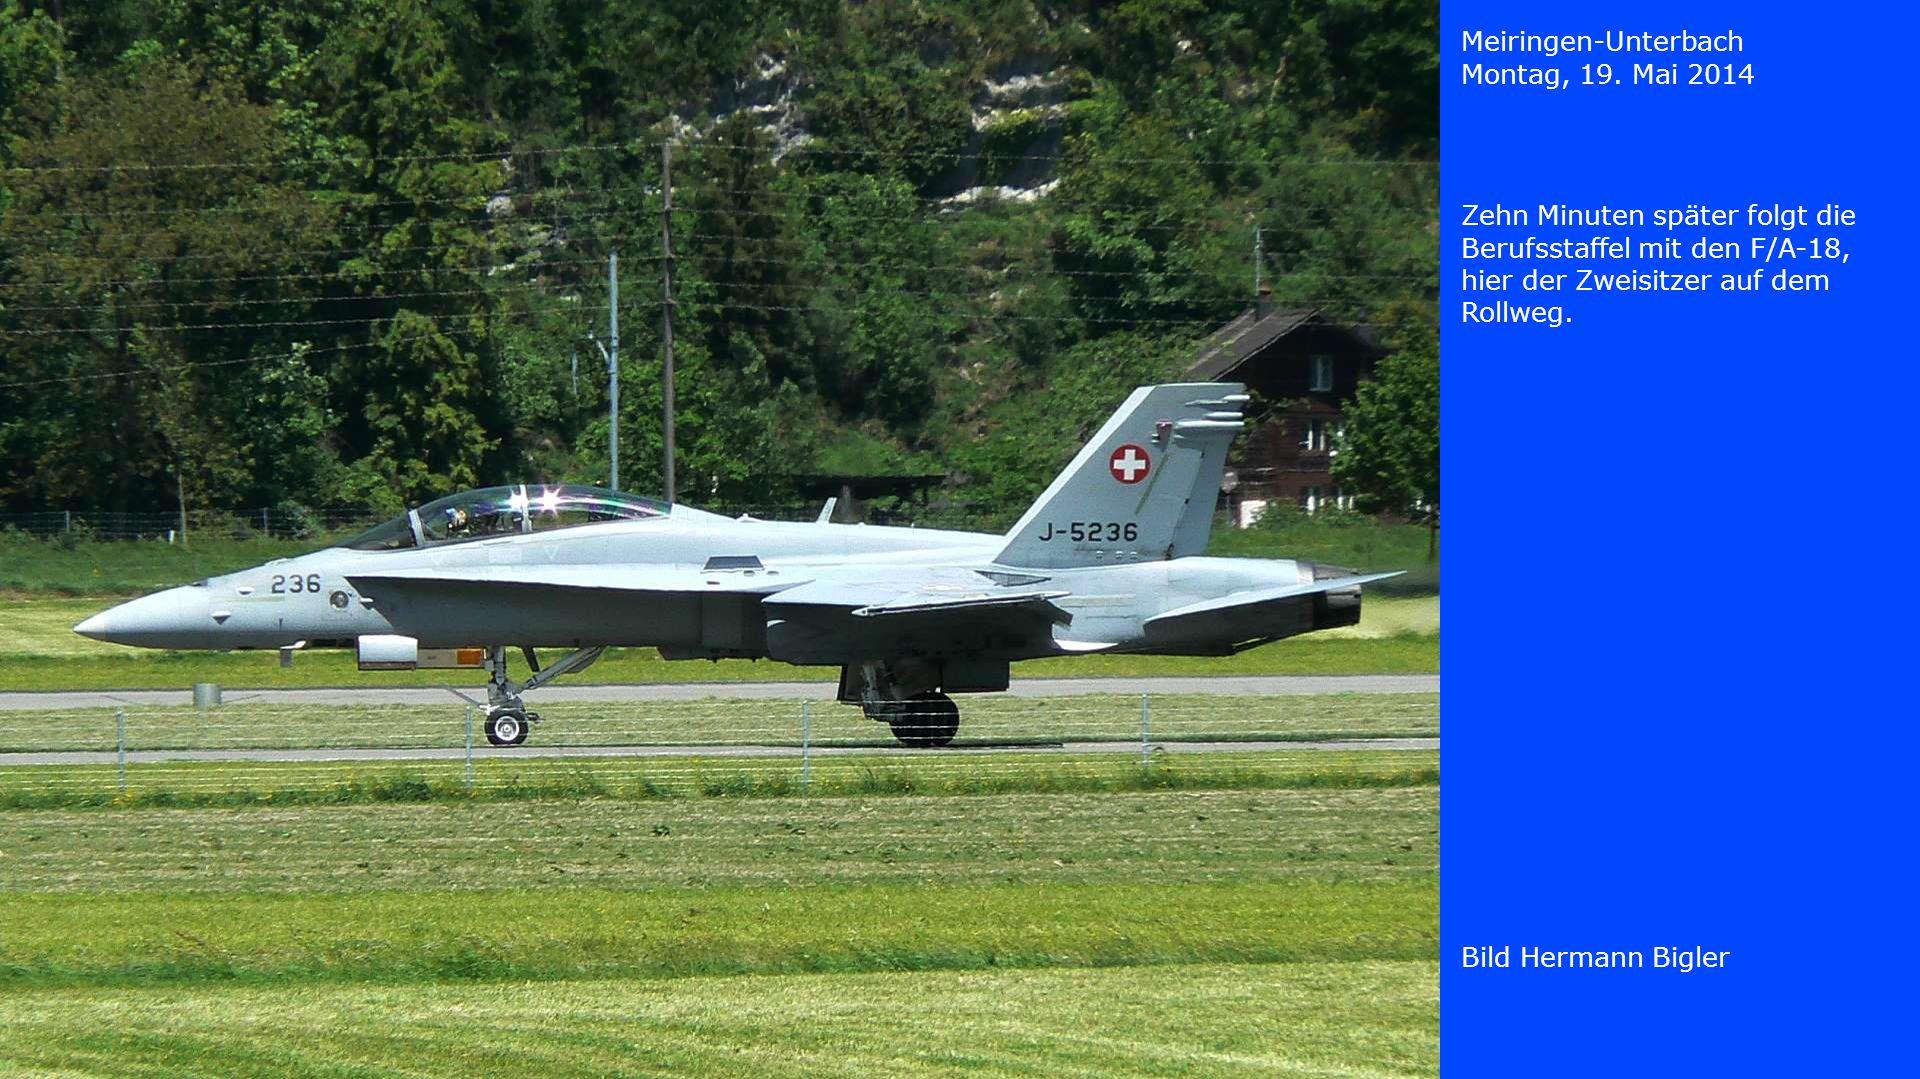 Meiringen-Unterbach Montag, 19. Mai 2014 Bild Hermann Bigler Zehn Minuten später folgt die Berufsstaffel mit den F/A-18, hier der Zweisitzer auf dem R